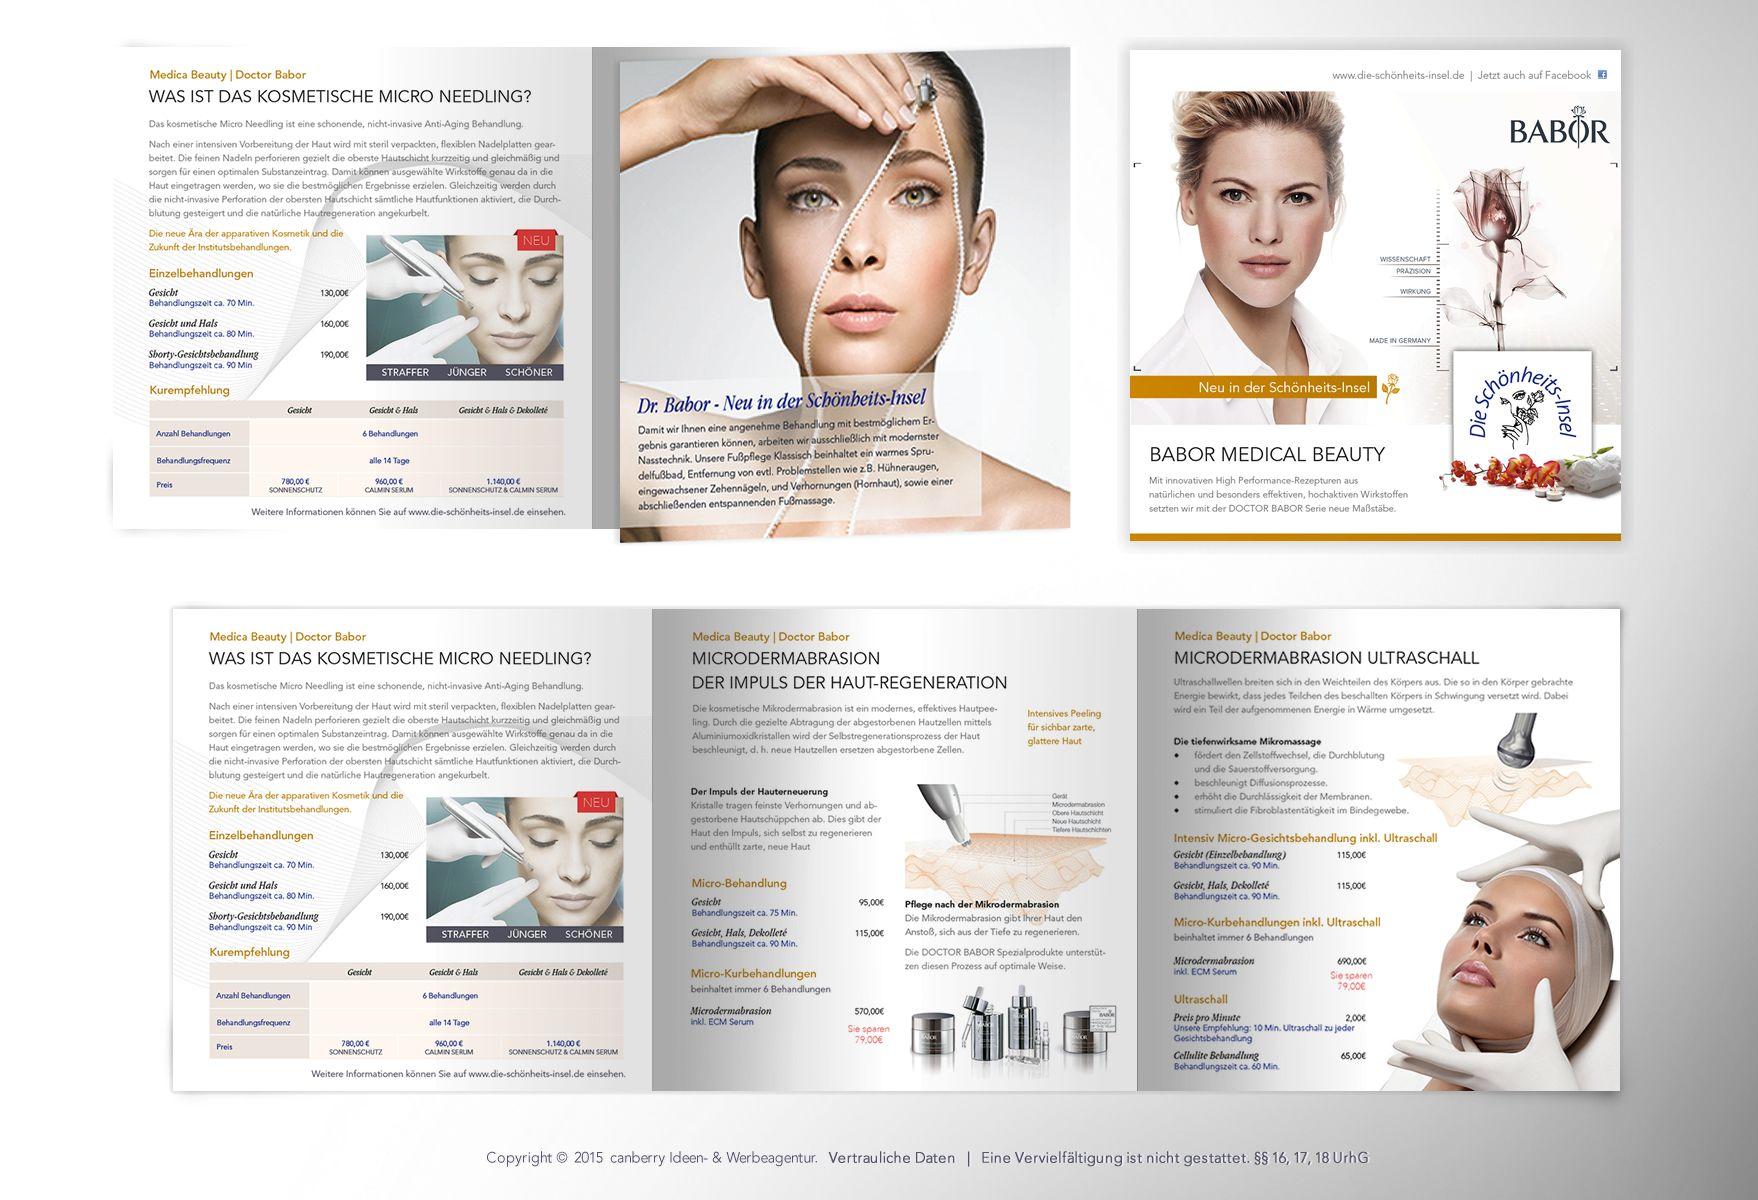 Neuer Leistungsflyer Fur Die Schonheitsinsel In Gladbeck Design Layout Kosmetik Flyer Canberry Werbung Faltblatt Faltblatt Flyer Design